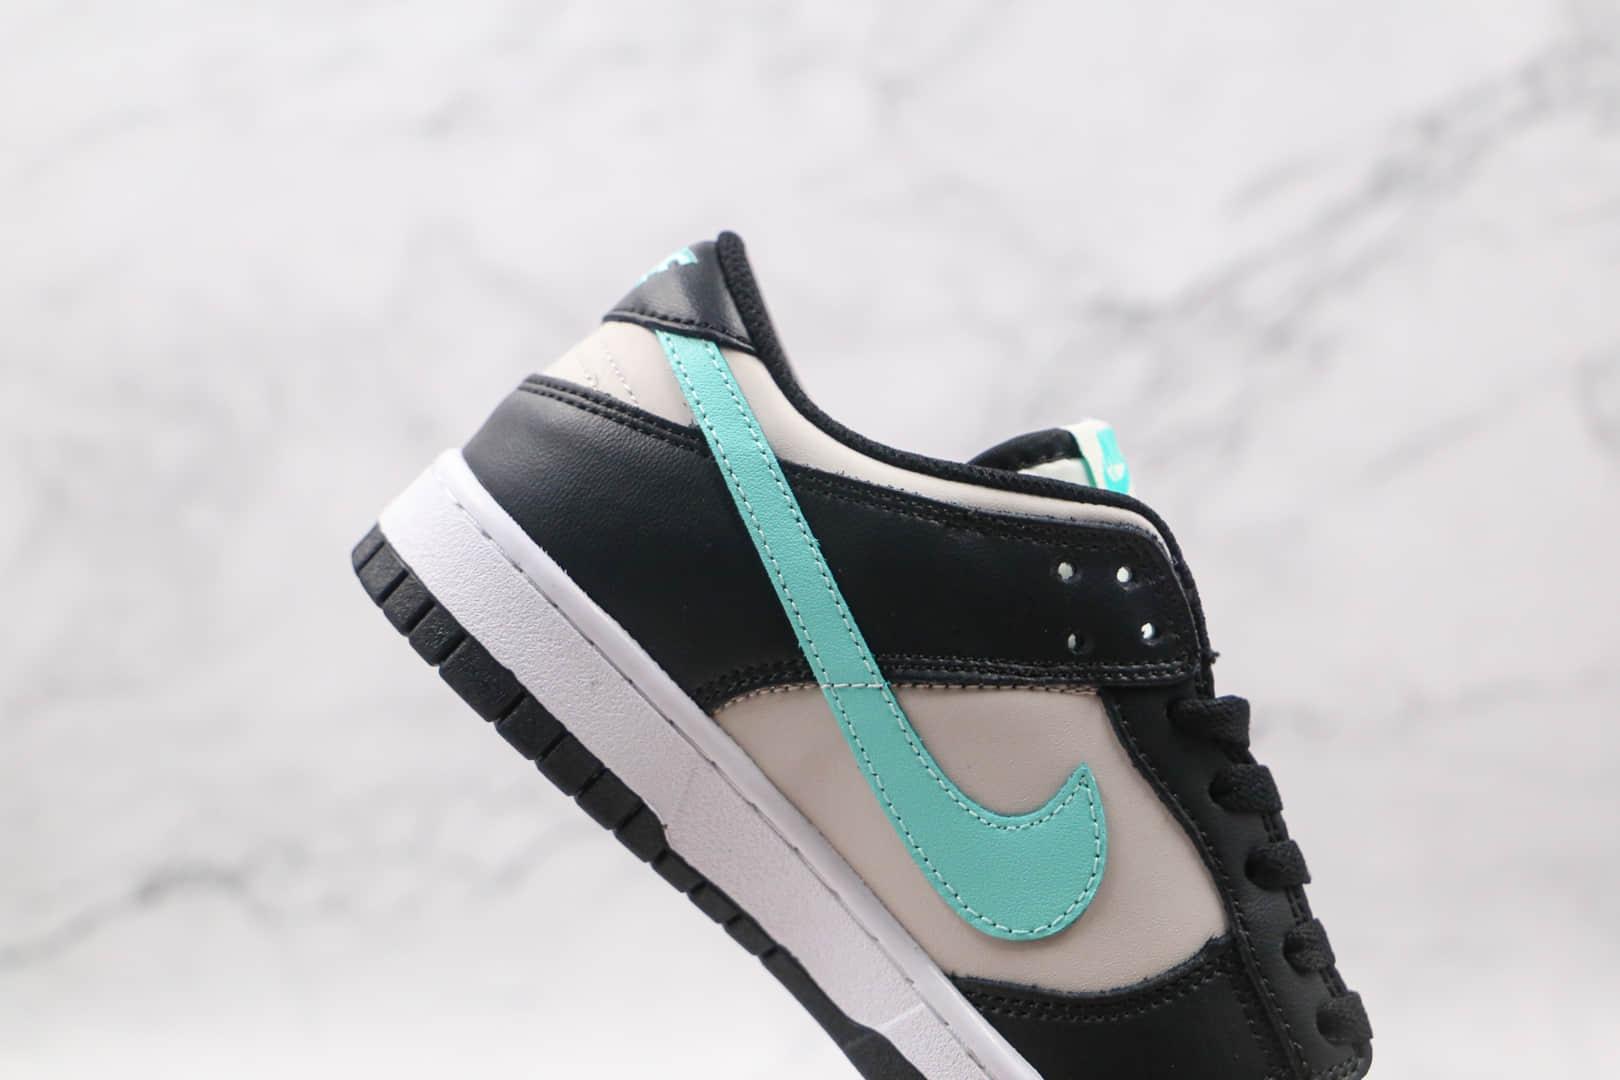 耐克Nike SB Dunk Low纯原版本低帮SB DUNK灰黑蓝色板鞋内置气垫 货号:CW1590-003